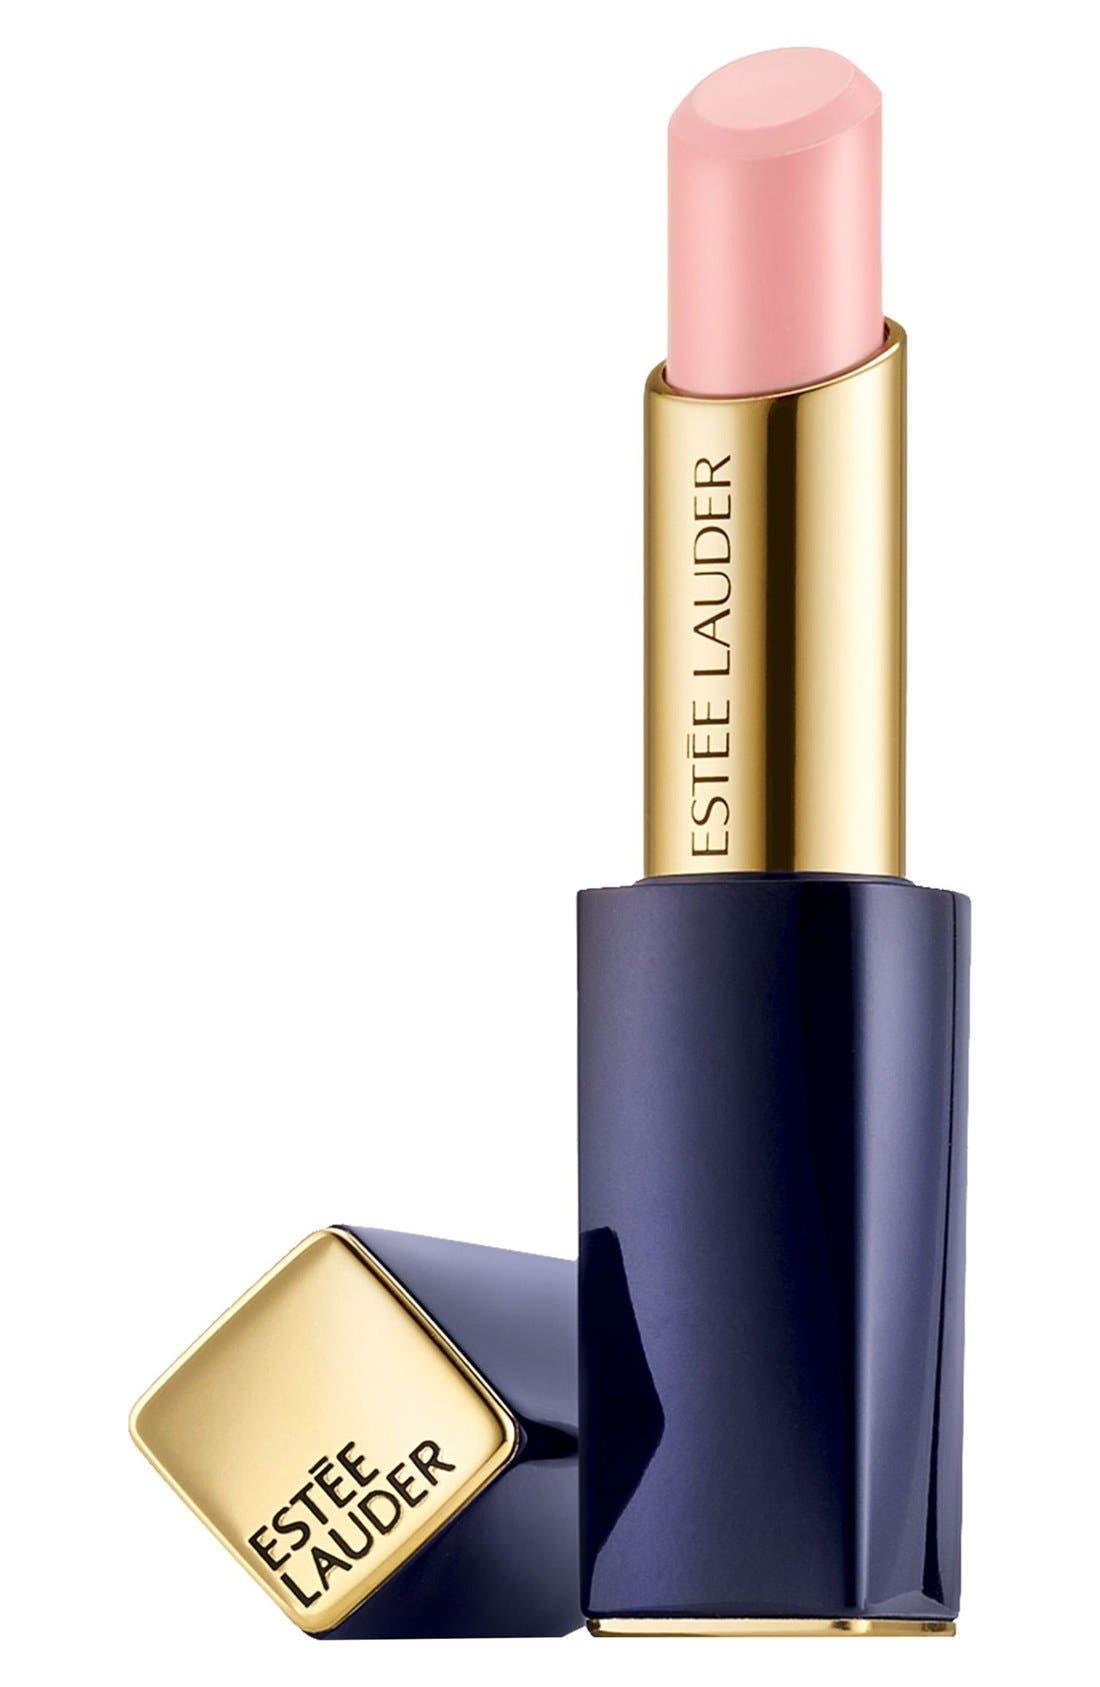 Estée Lauder Pure Color Envy Blooming Lip Balm